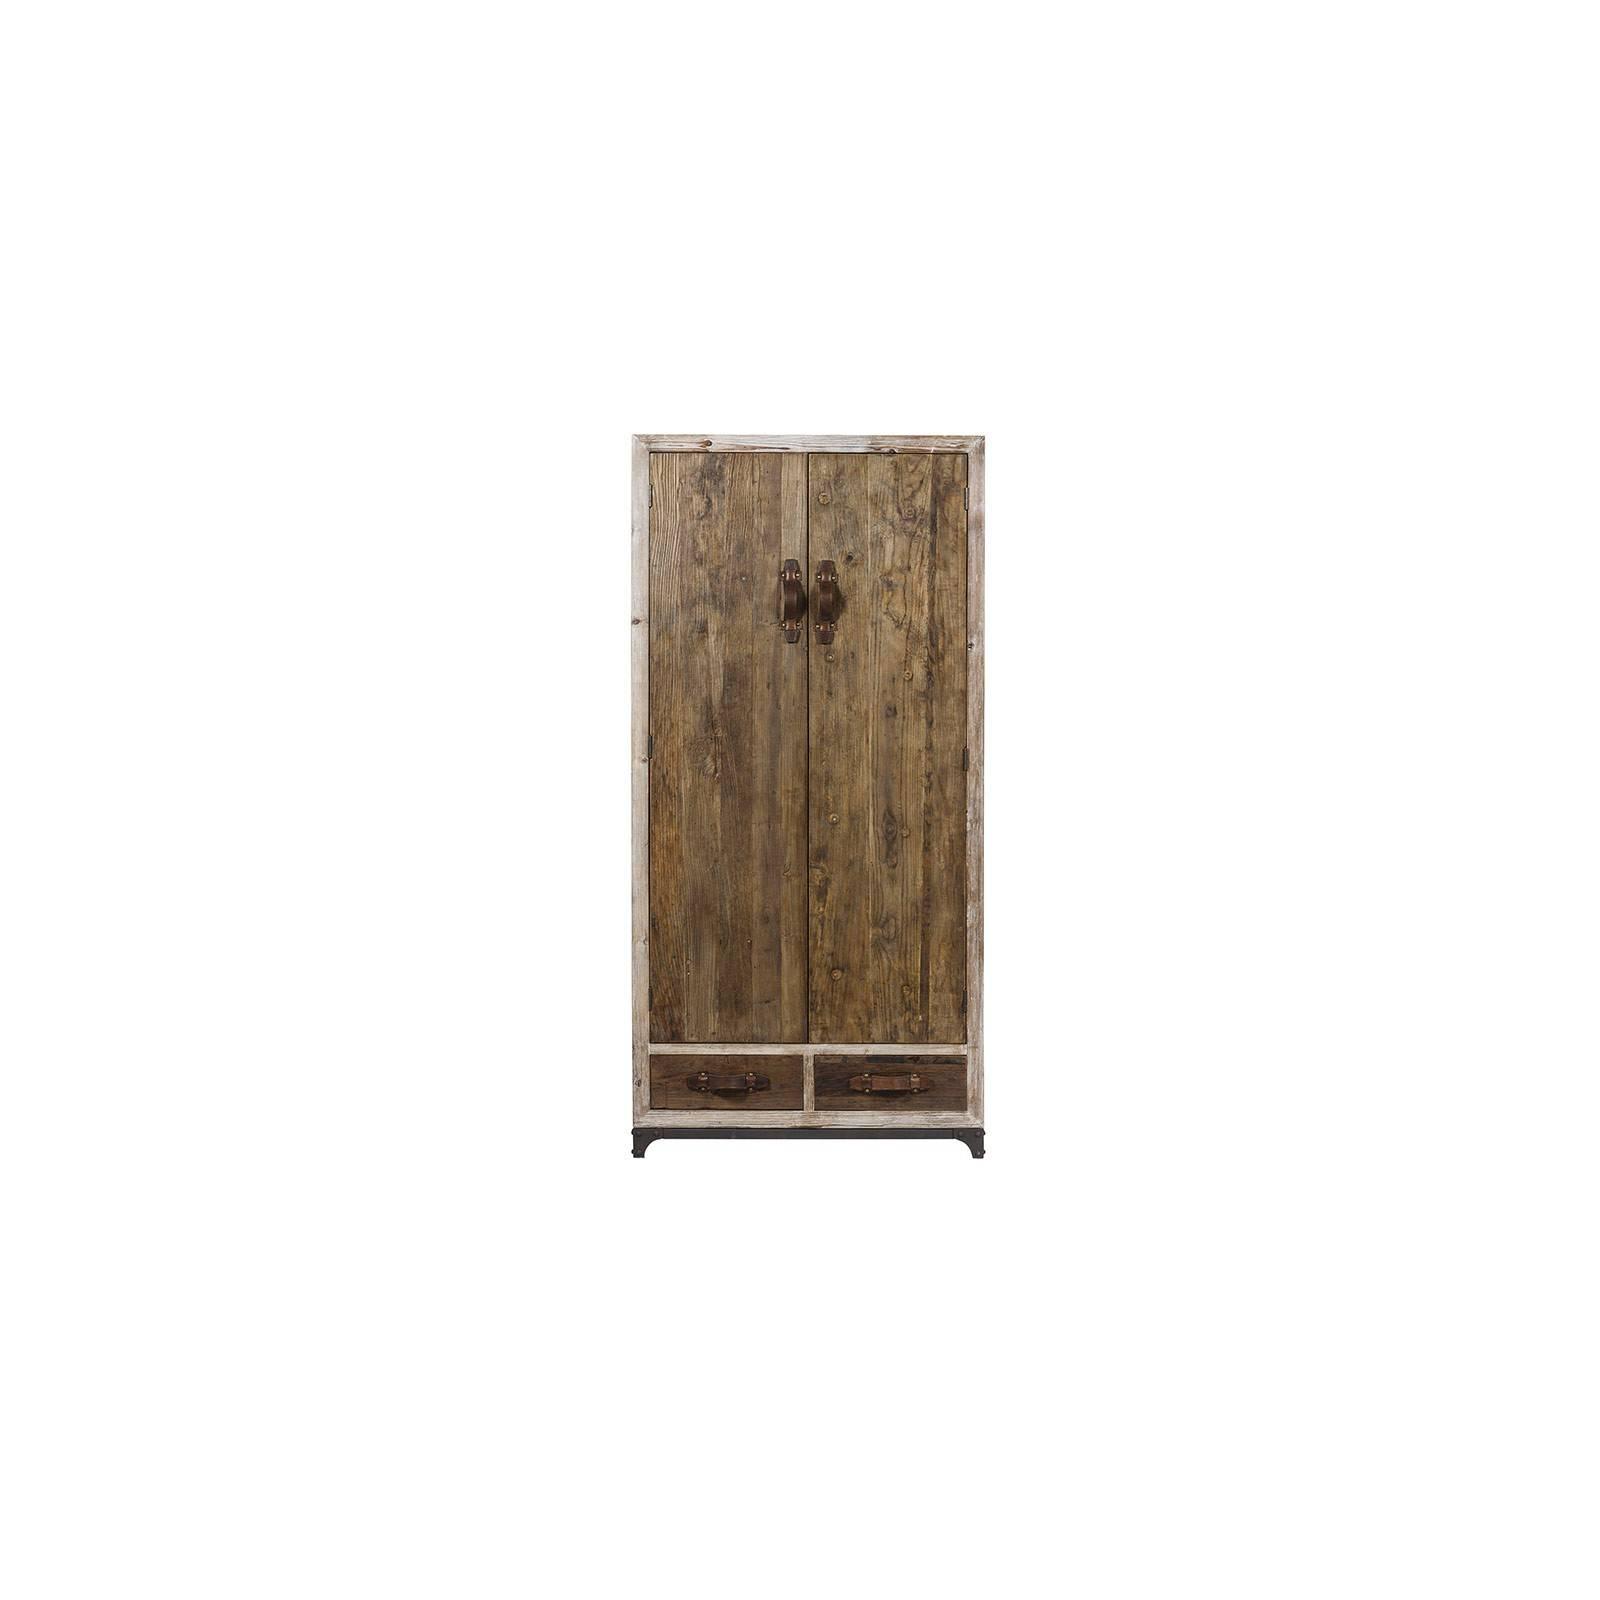 Armoire Flamand en bois massif, pour une chambre au style campagne